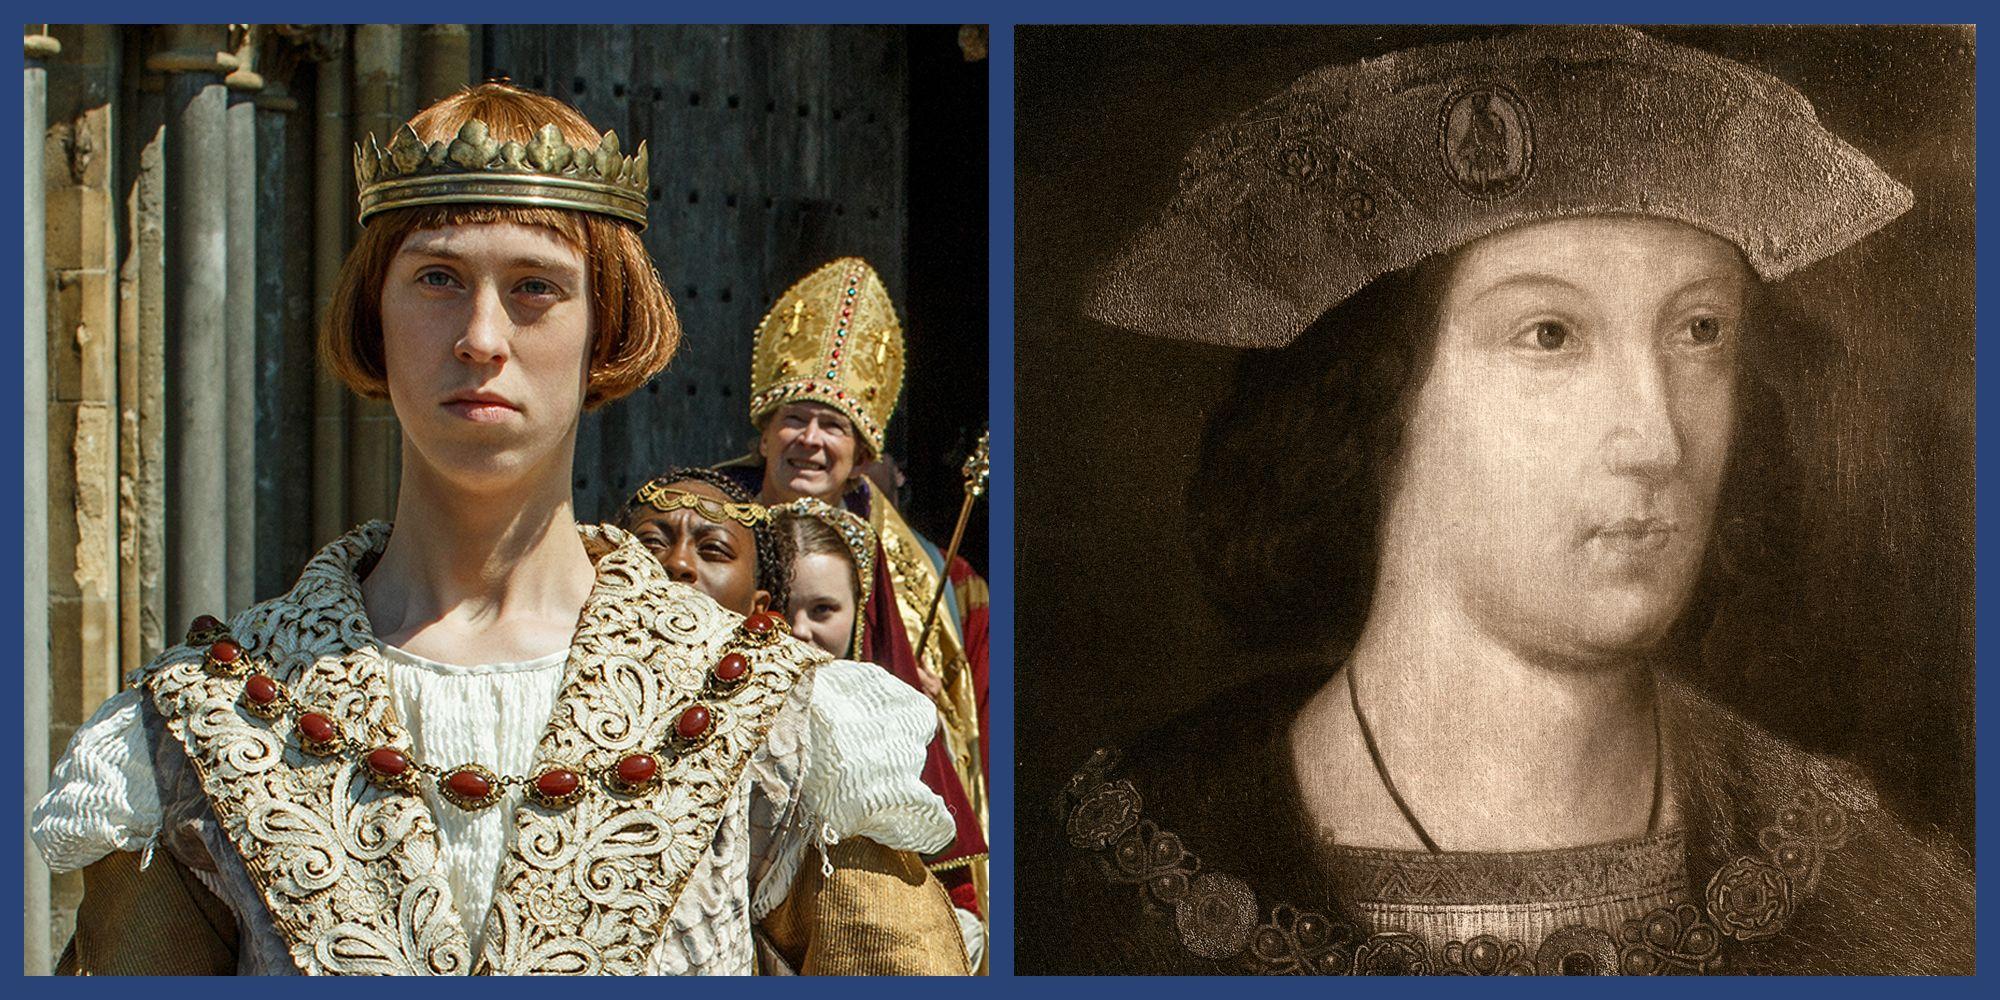 How Did Arthur Tudor, Prince of Wales Die? - Prince Arthur's Death